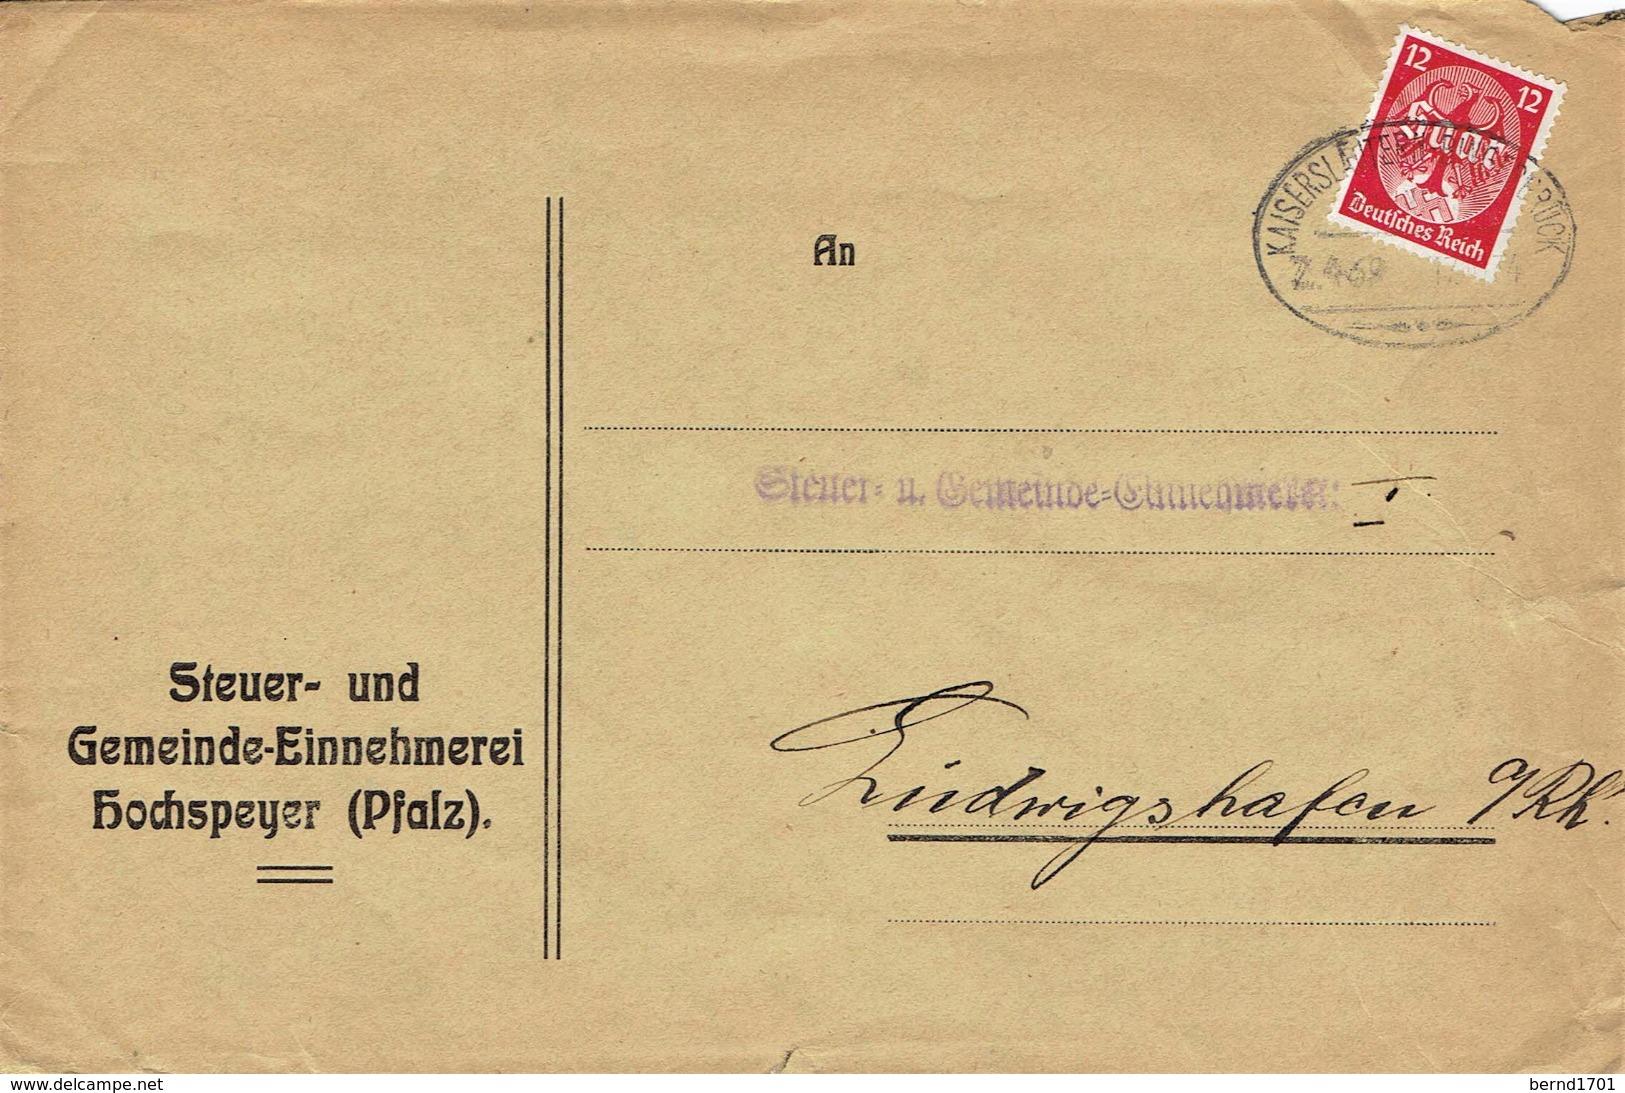 Deutsches Reich - Umschlag Echt Gelaufen / Cover Used (A883) - Deutschland